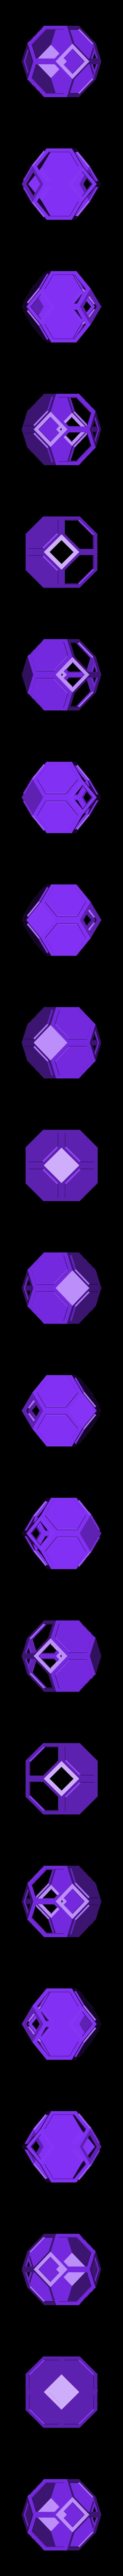 plantygon_planter_noholes.stl Descargar archivo STL gratis Plantygon - Plantadora Modular de Apilamiento Geométrico para Suculentas • Objeto para imprimir en 3D, printfutura